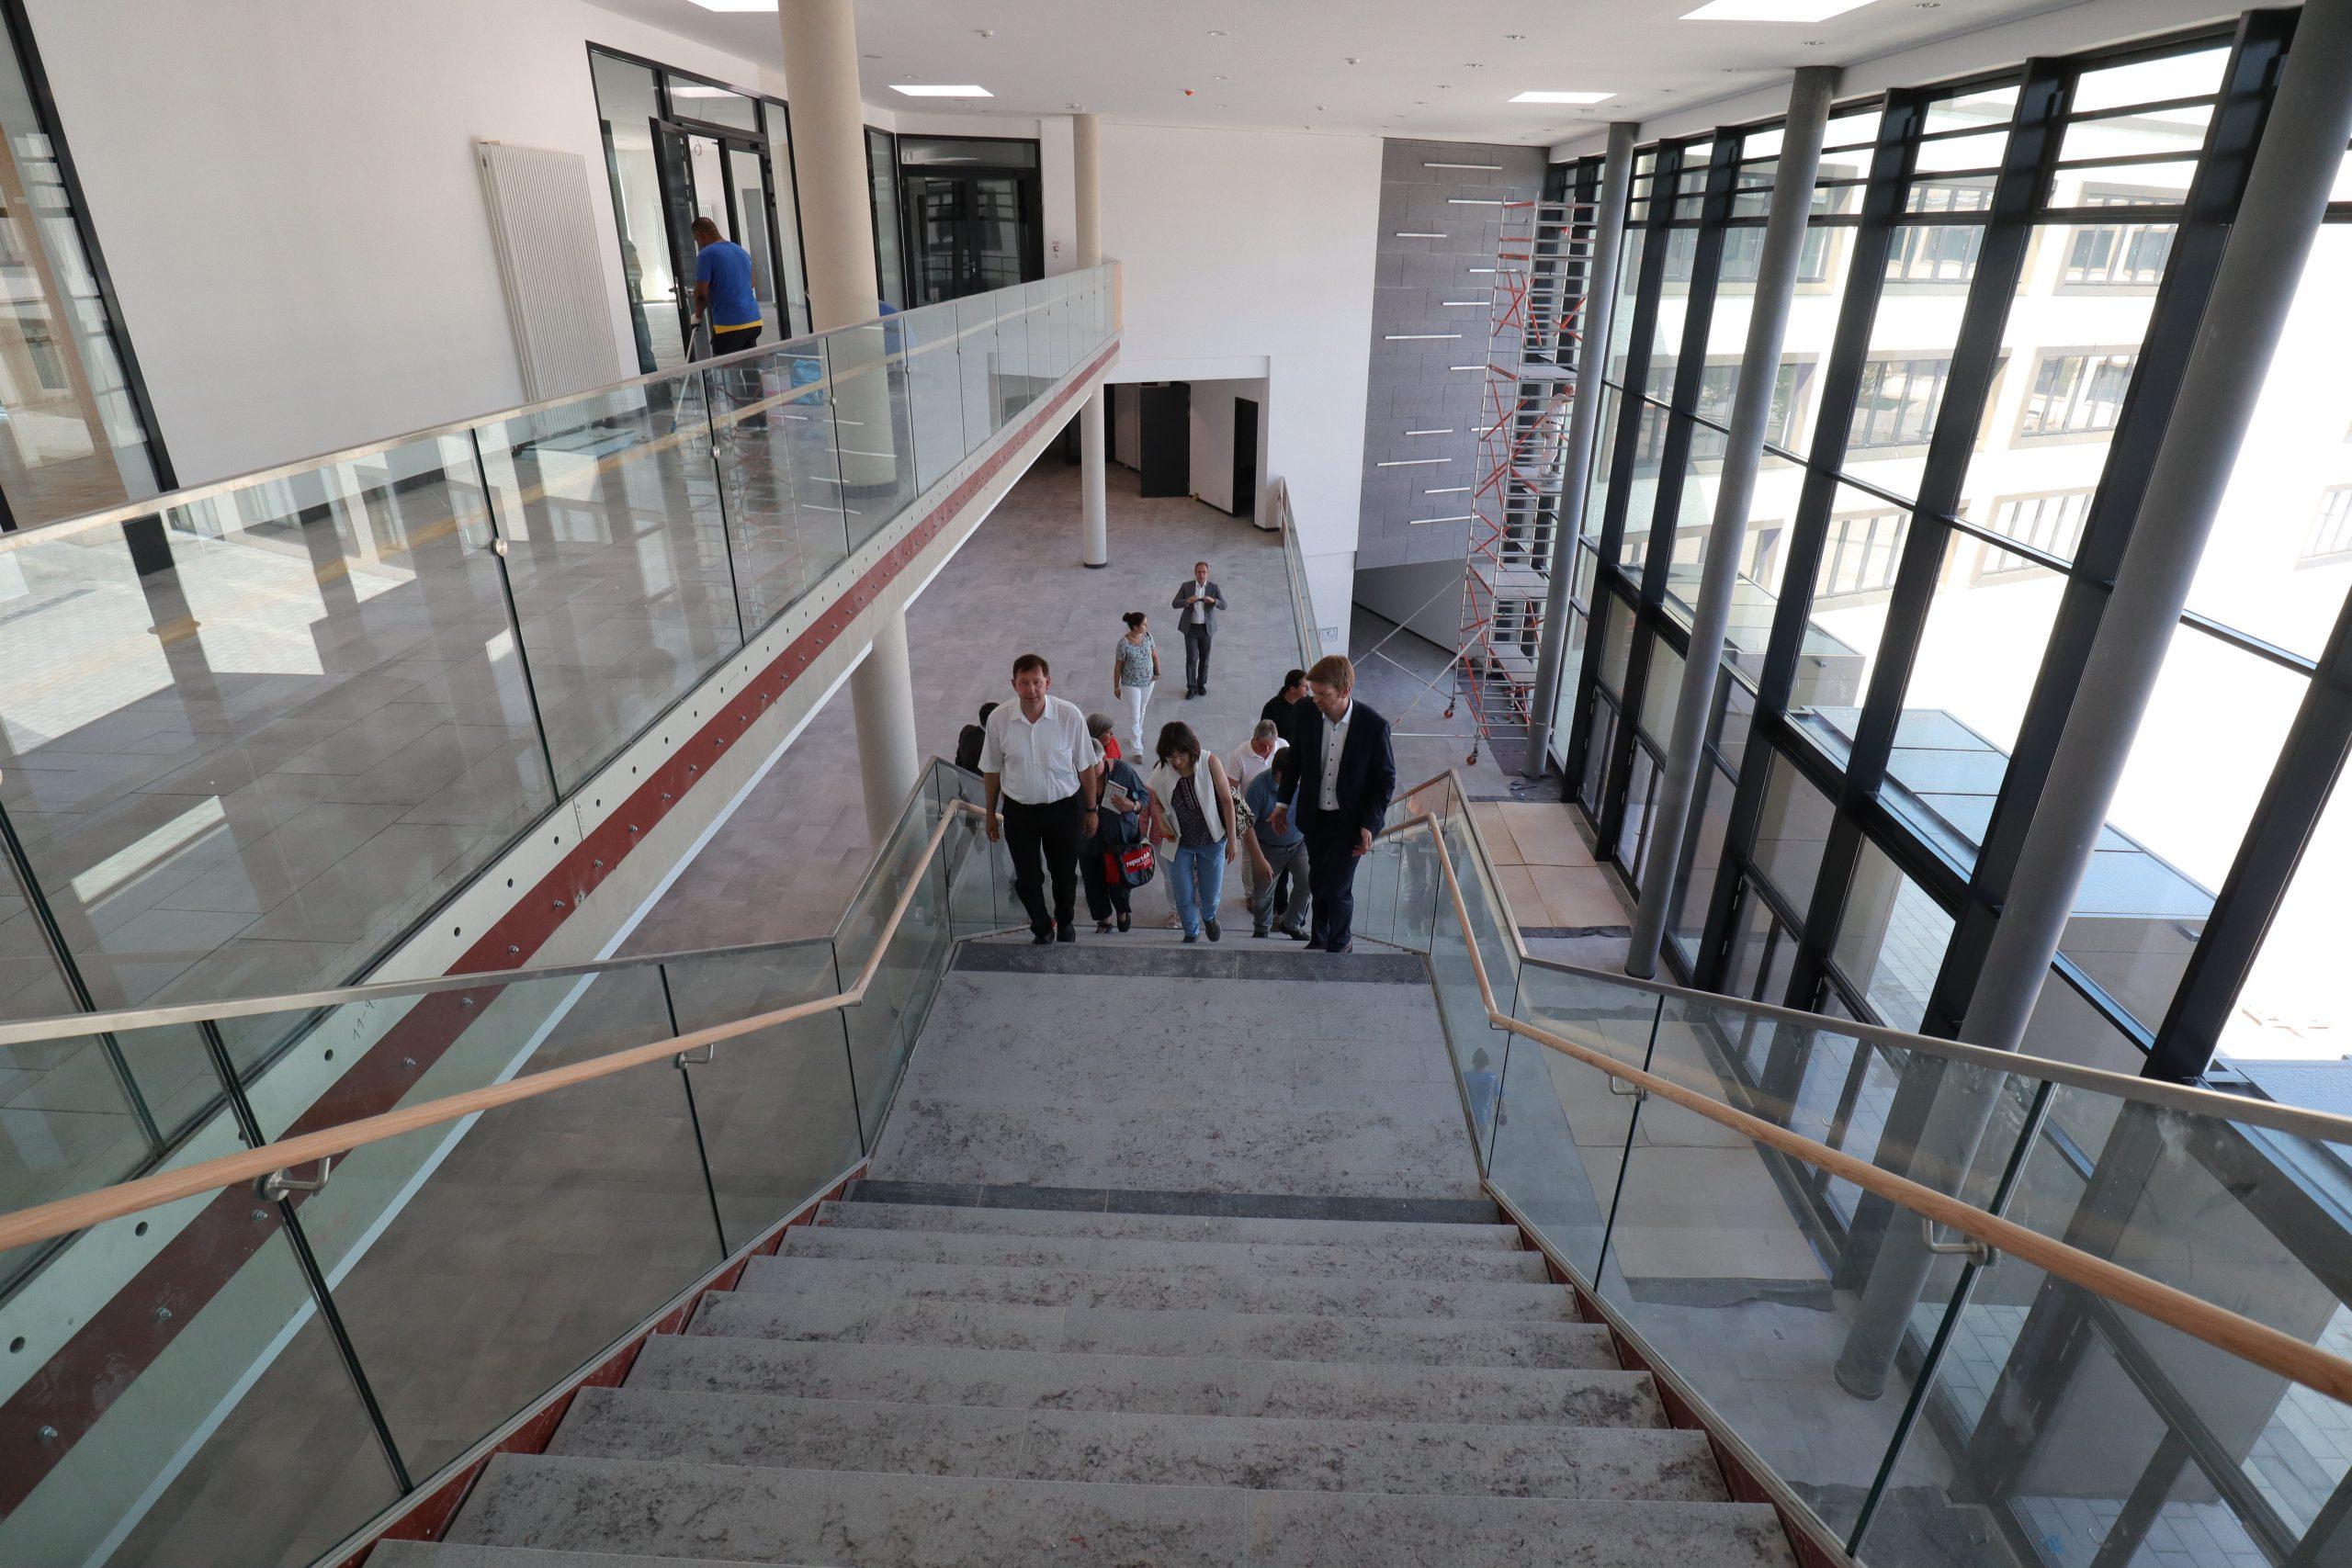 Die Neue Albrecht-Dürer-Schule In Benrath Ist Auf Der bei Albrecht Dürer Schule Düsseldorf